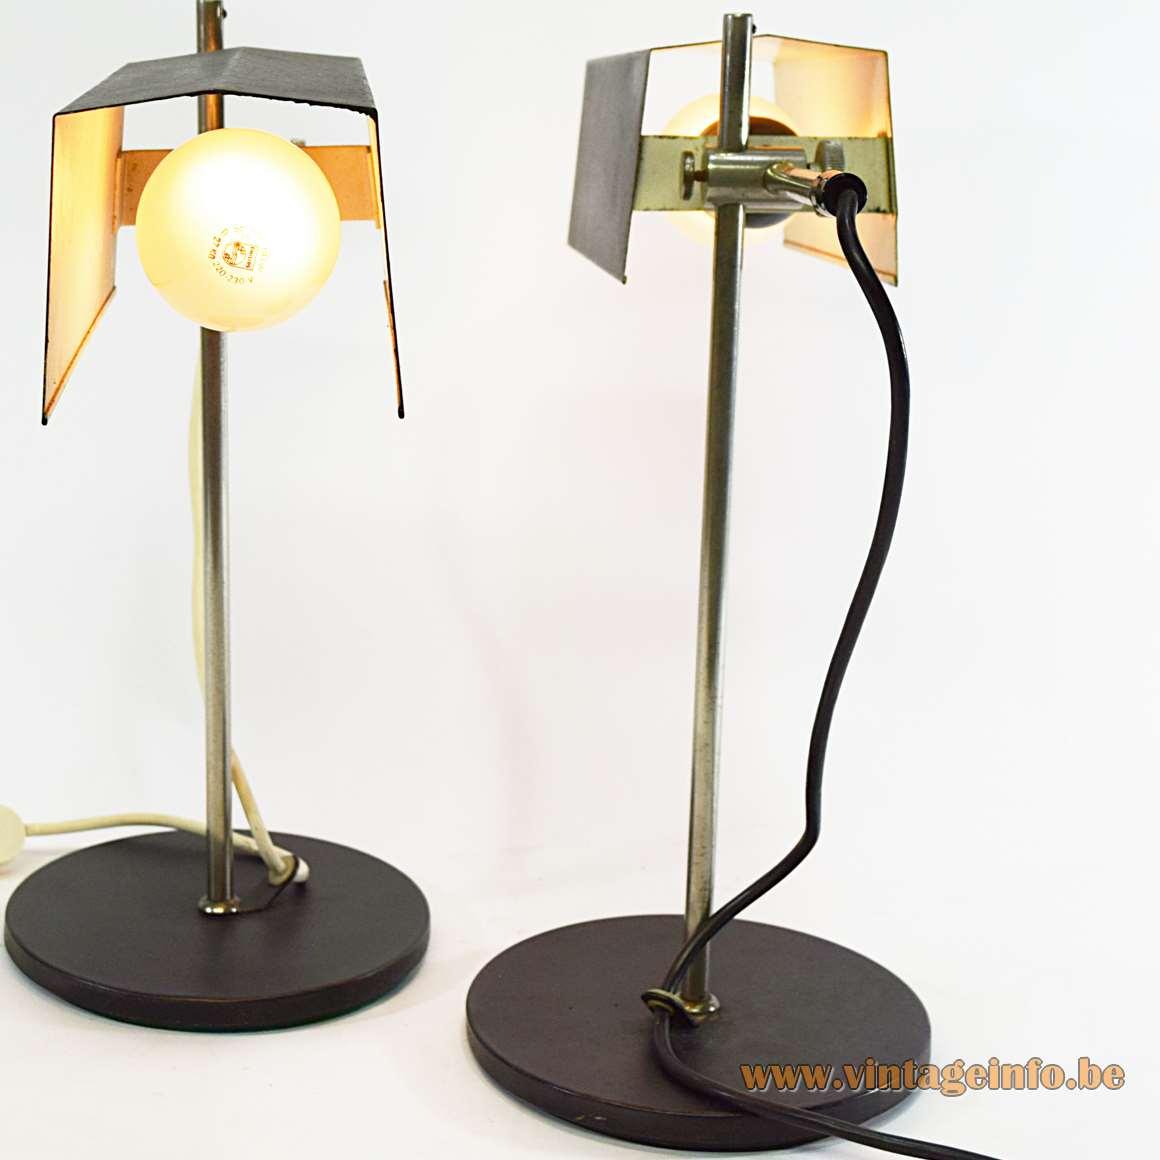 1960s Desk Lamps